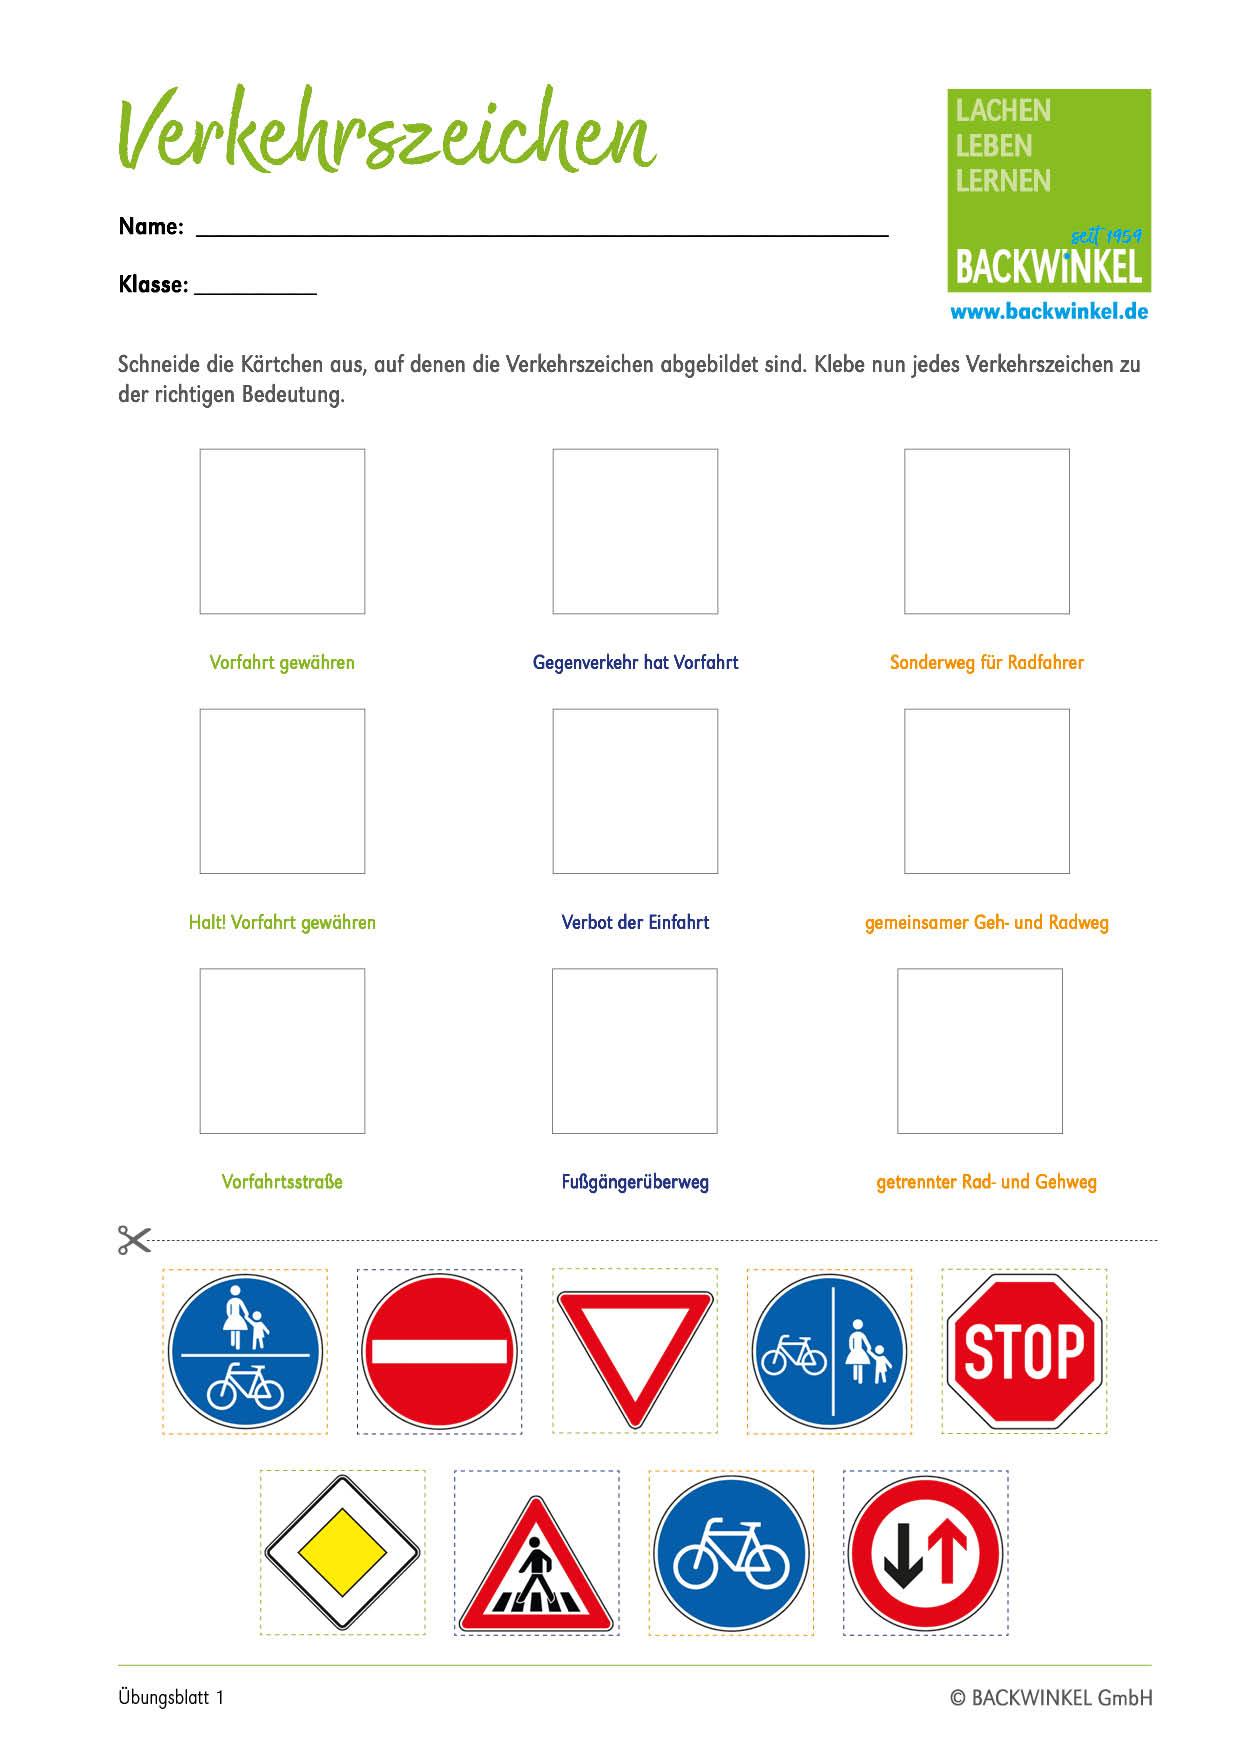 Verkehrserziehung Alles Wissenswerte für Kindergärten und ...